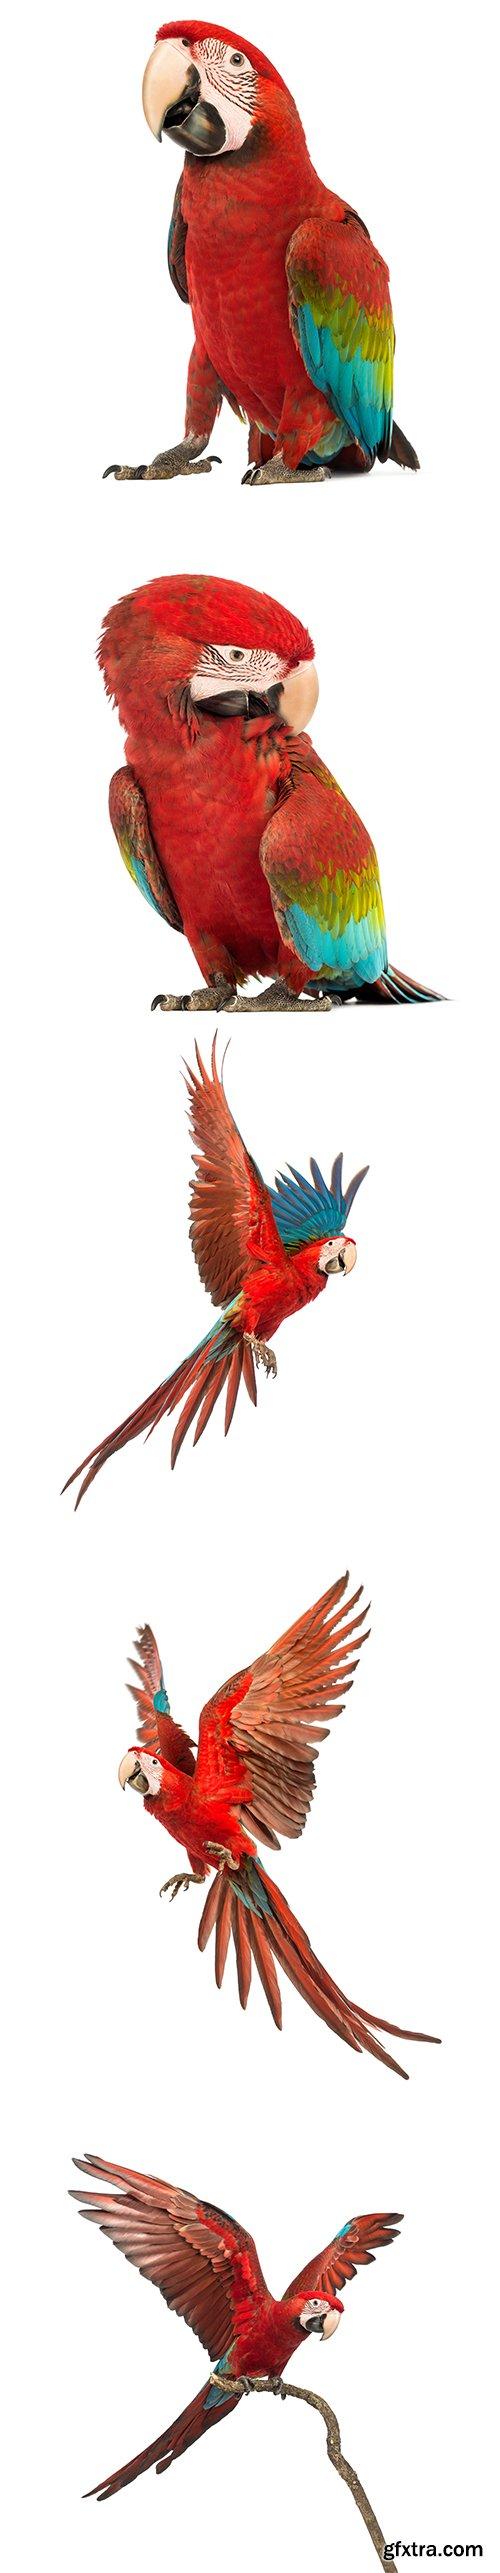 Macaw Isolated - 15xJPGs